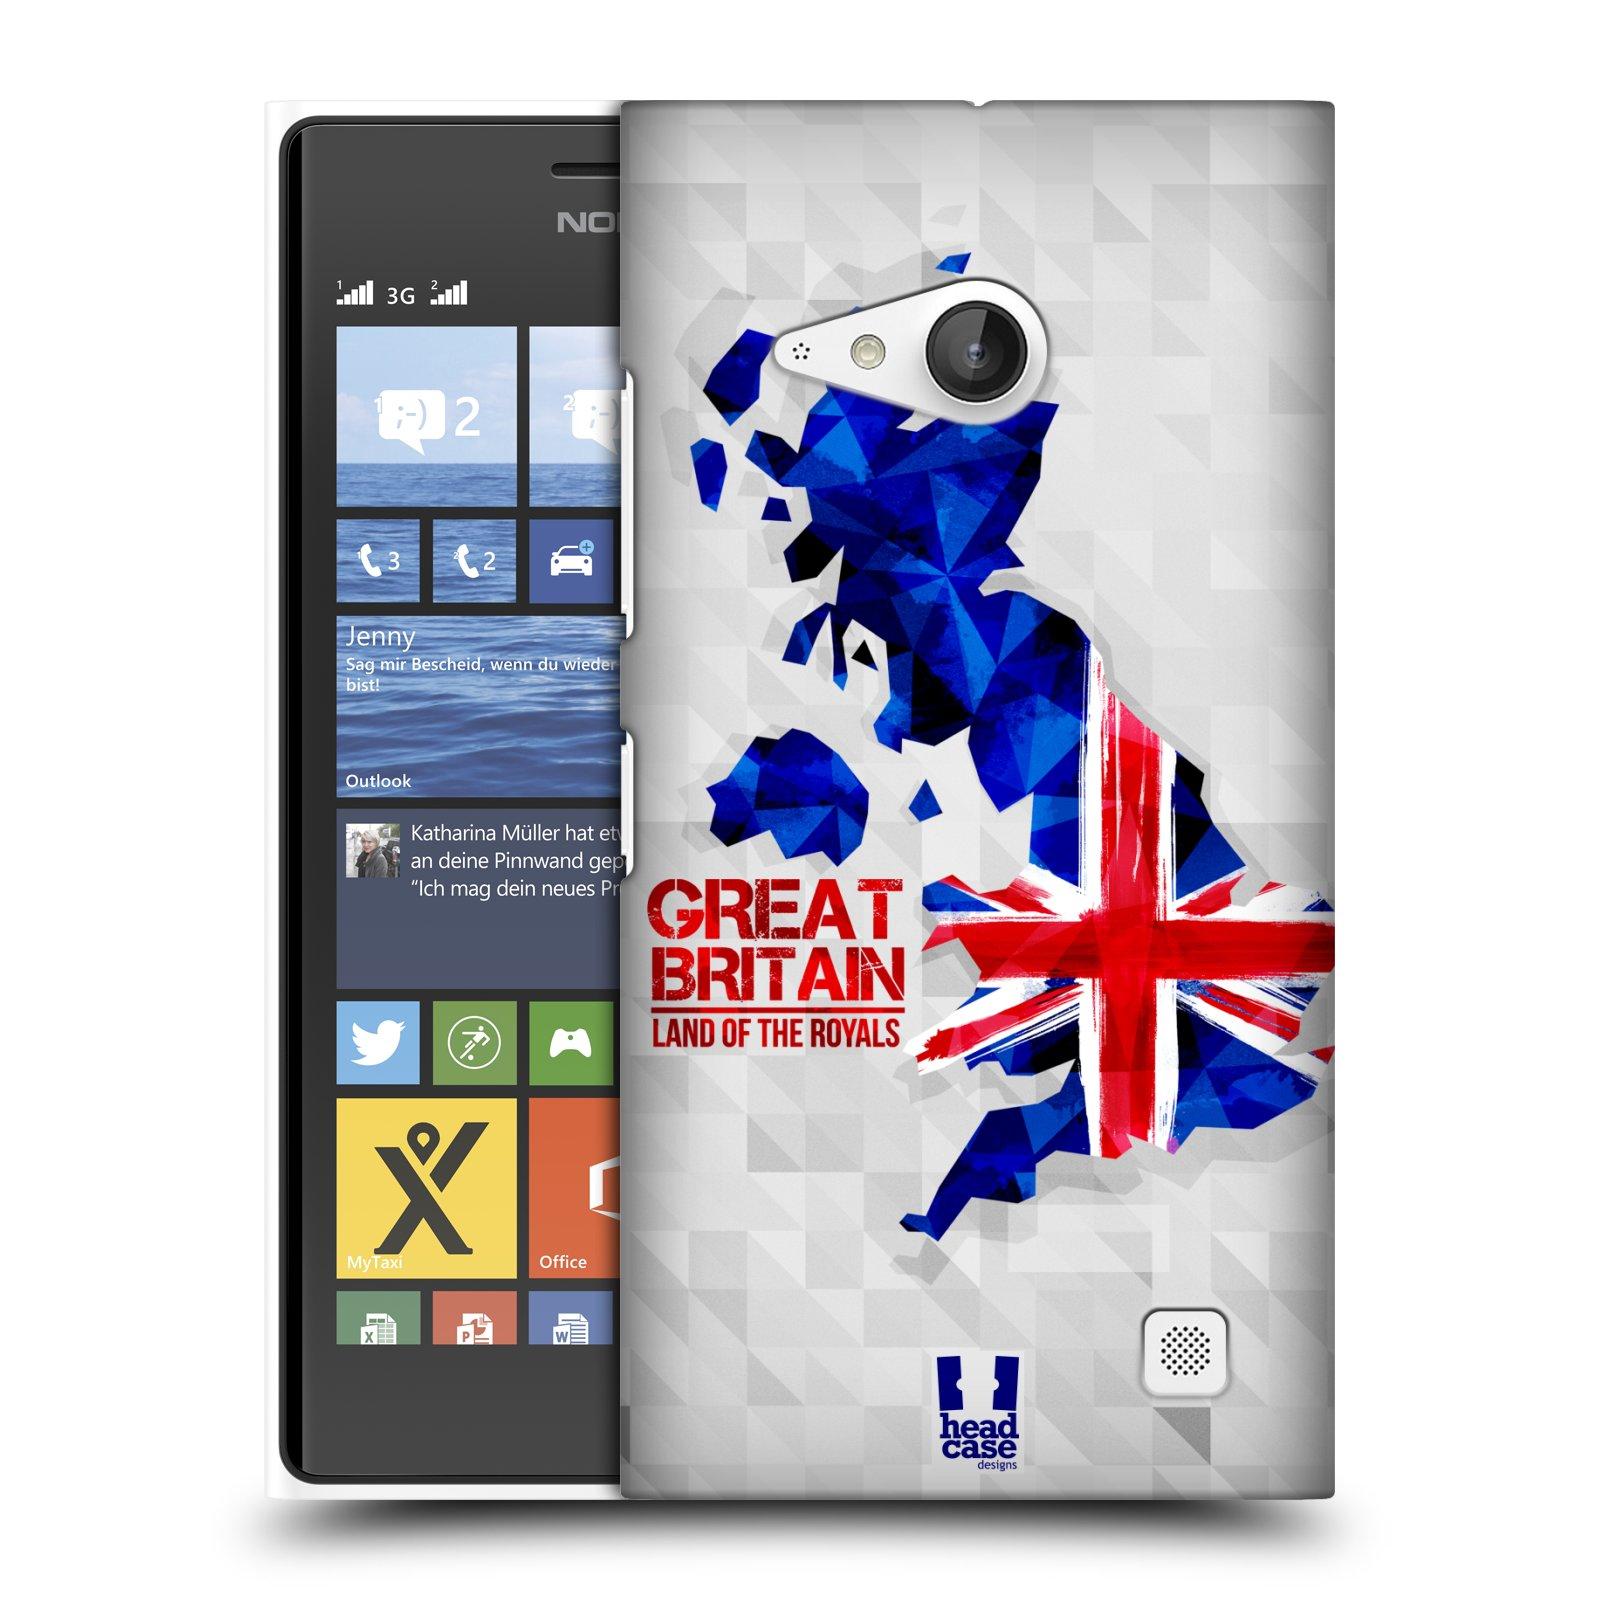 Plastové pouzdro na mobil Nokia Lumia 730 Dual SIM HEAD CASE GEOMAPA VELKÁ BRTÁNIE (Kryt či obal na mobilní telefon Nokia Lumia 730 Dual SIM)